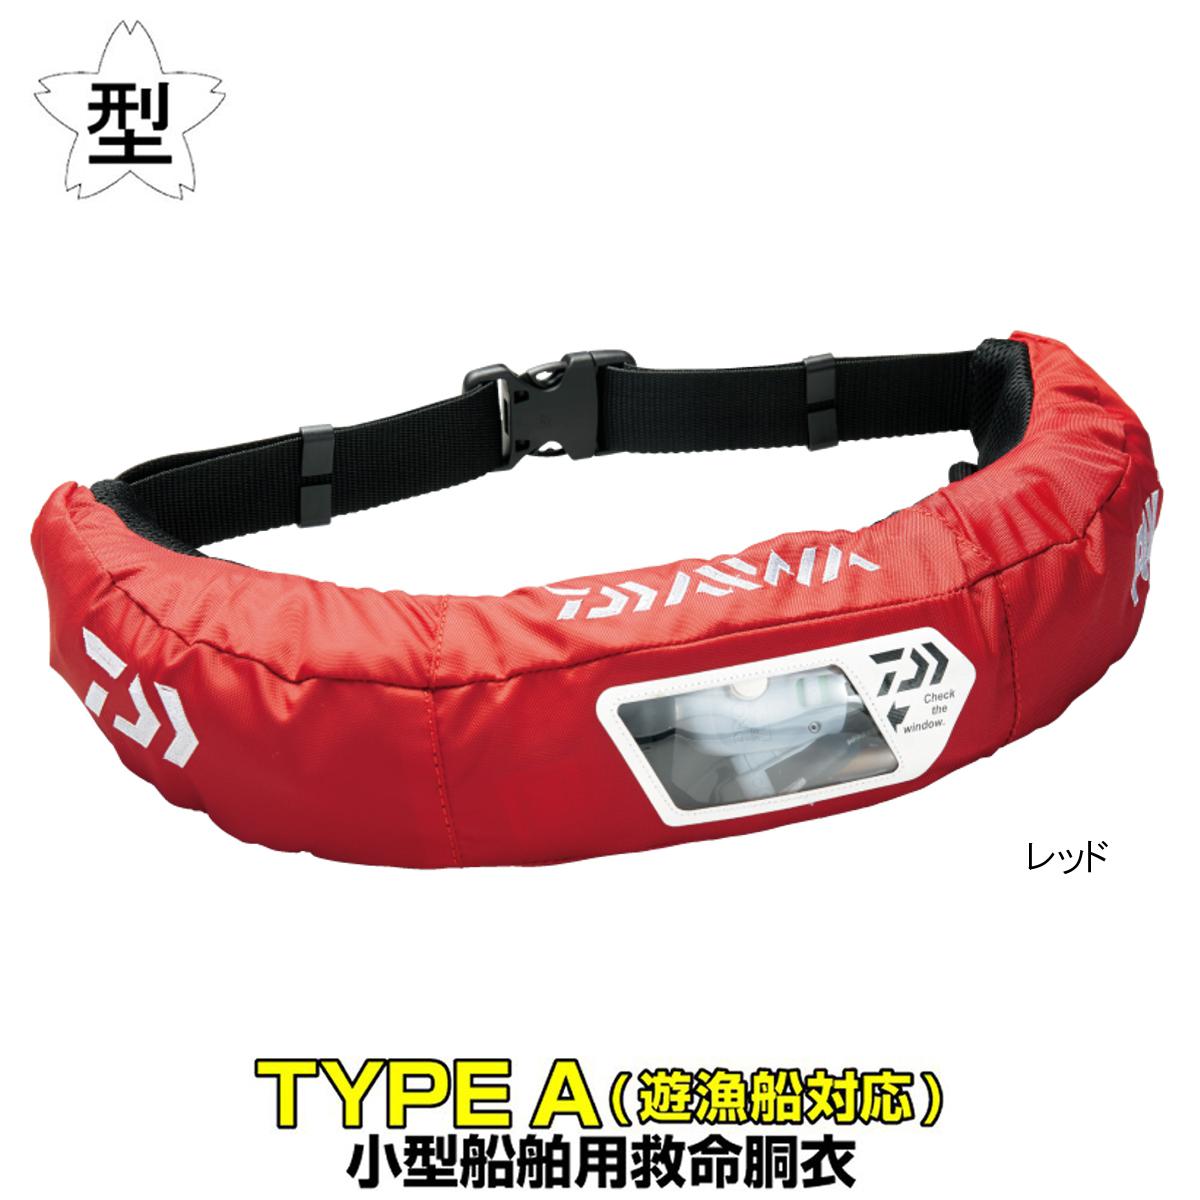 ダイワ ウォッシャブルライフジャケット(ウエストタイプ手動・自動膨脹式) DF-2207 レッド ※遊漁船対応(東日本店)